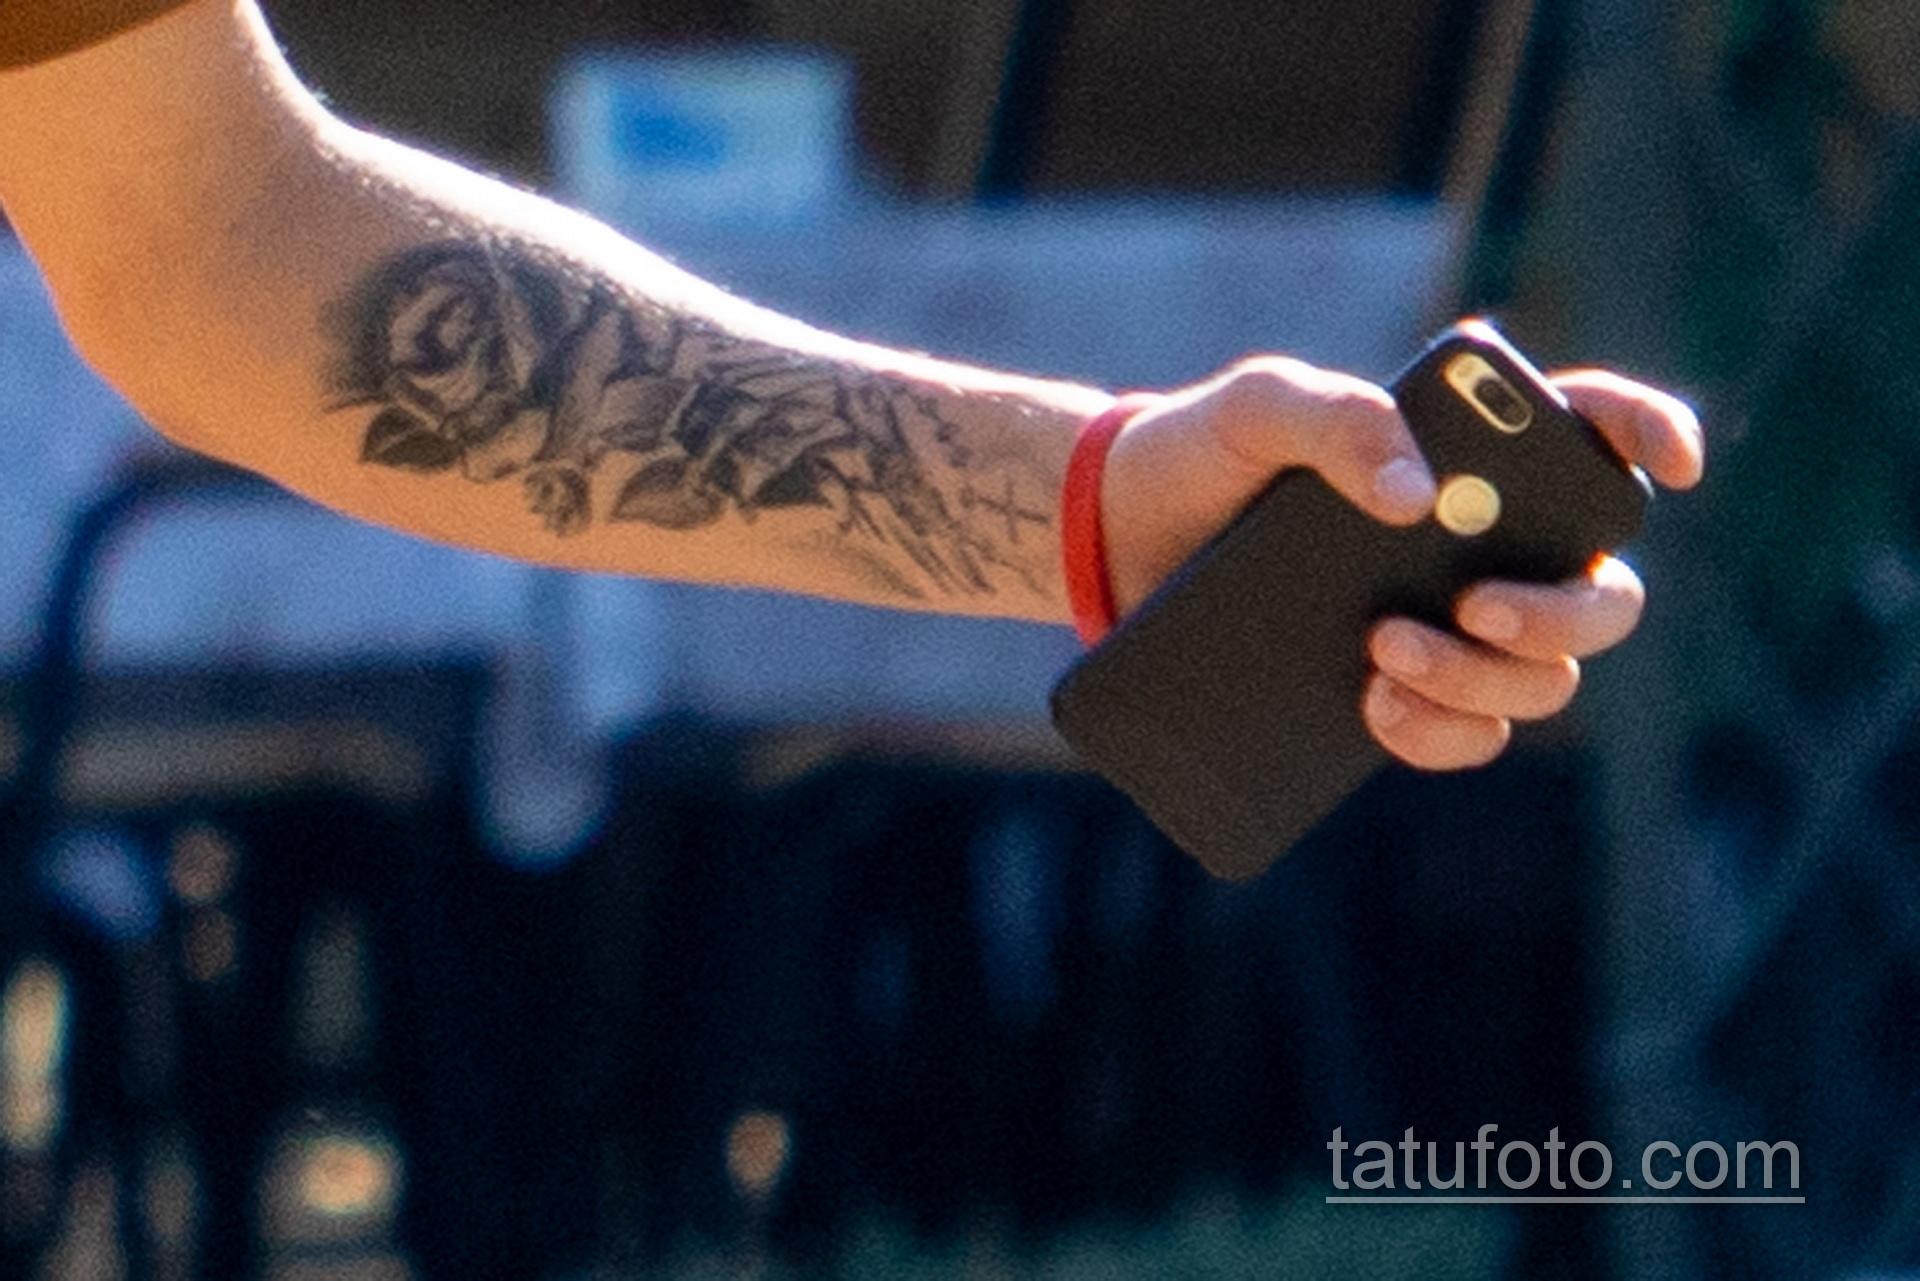 Тату с розой на руке и шее охранника в парке – Уличная татуировка 14.09.2020 – tatufoto.com 5